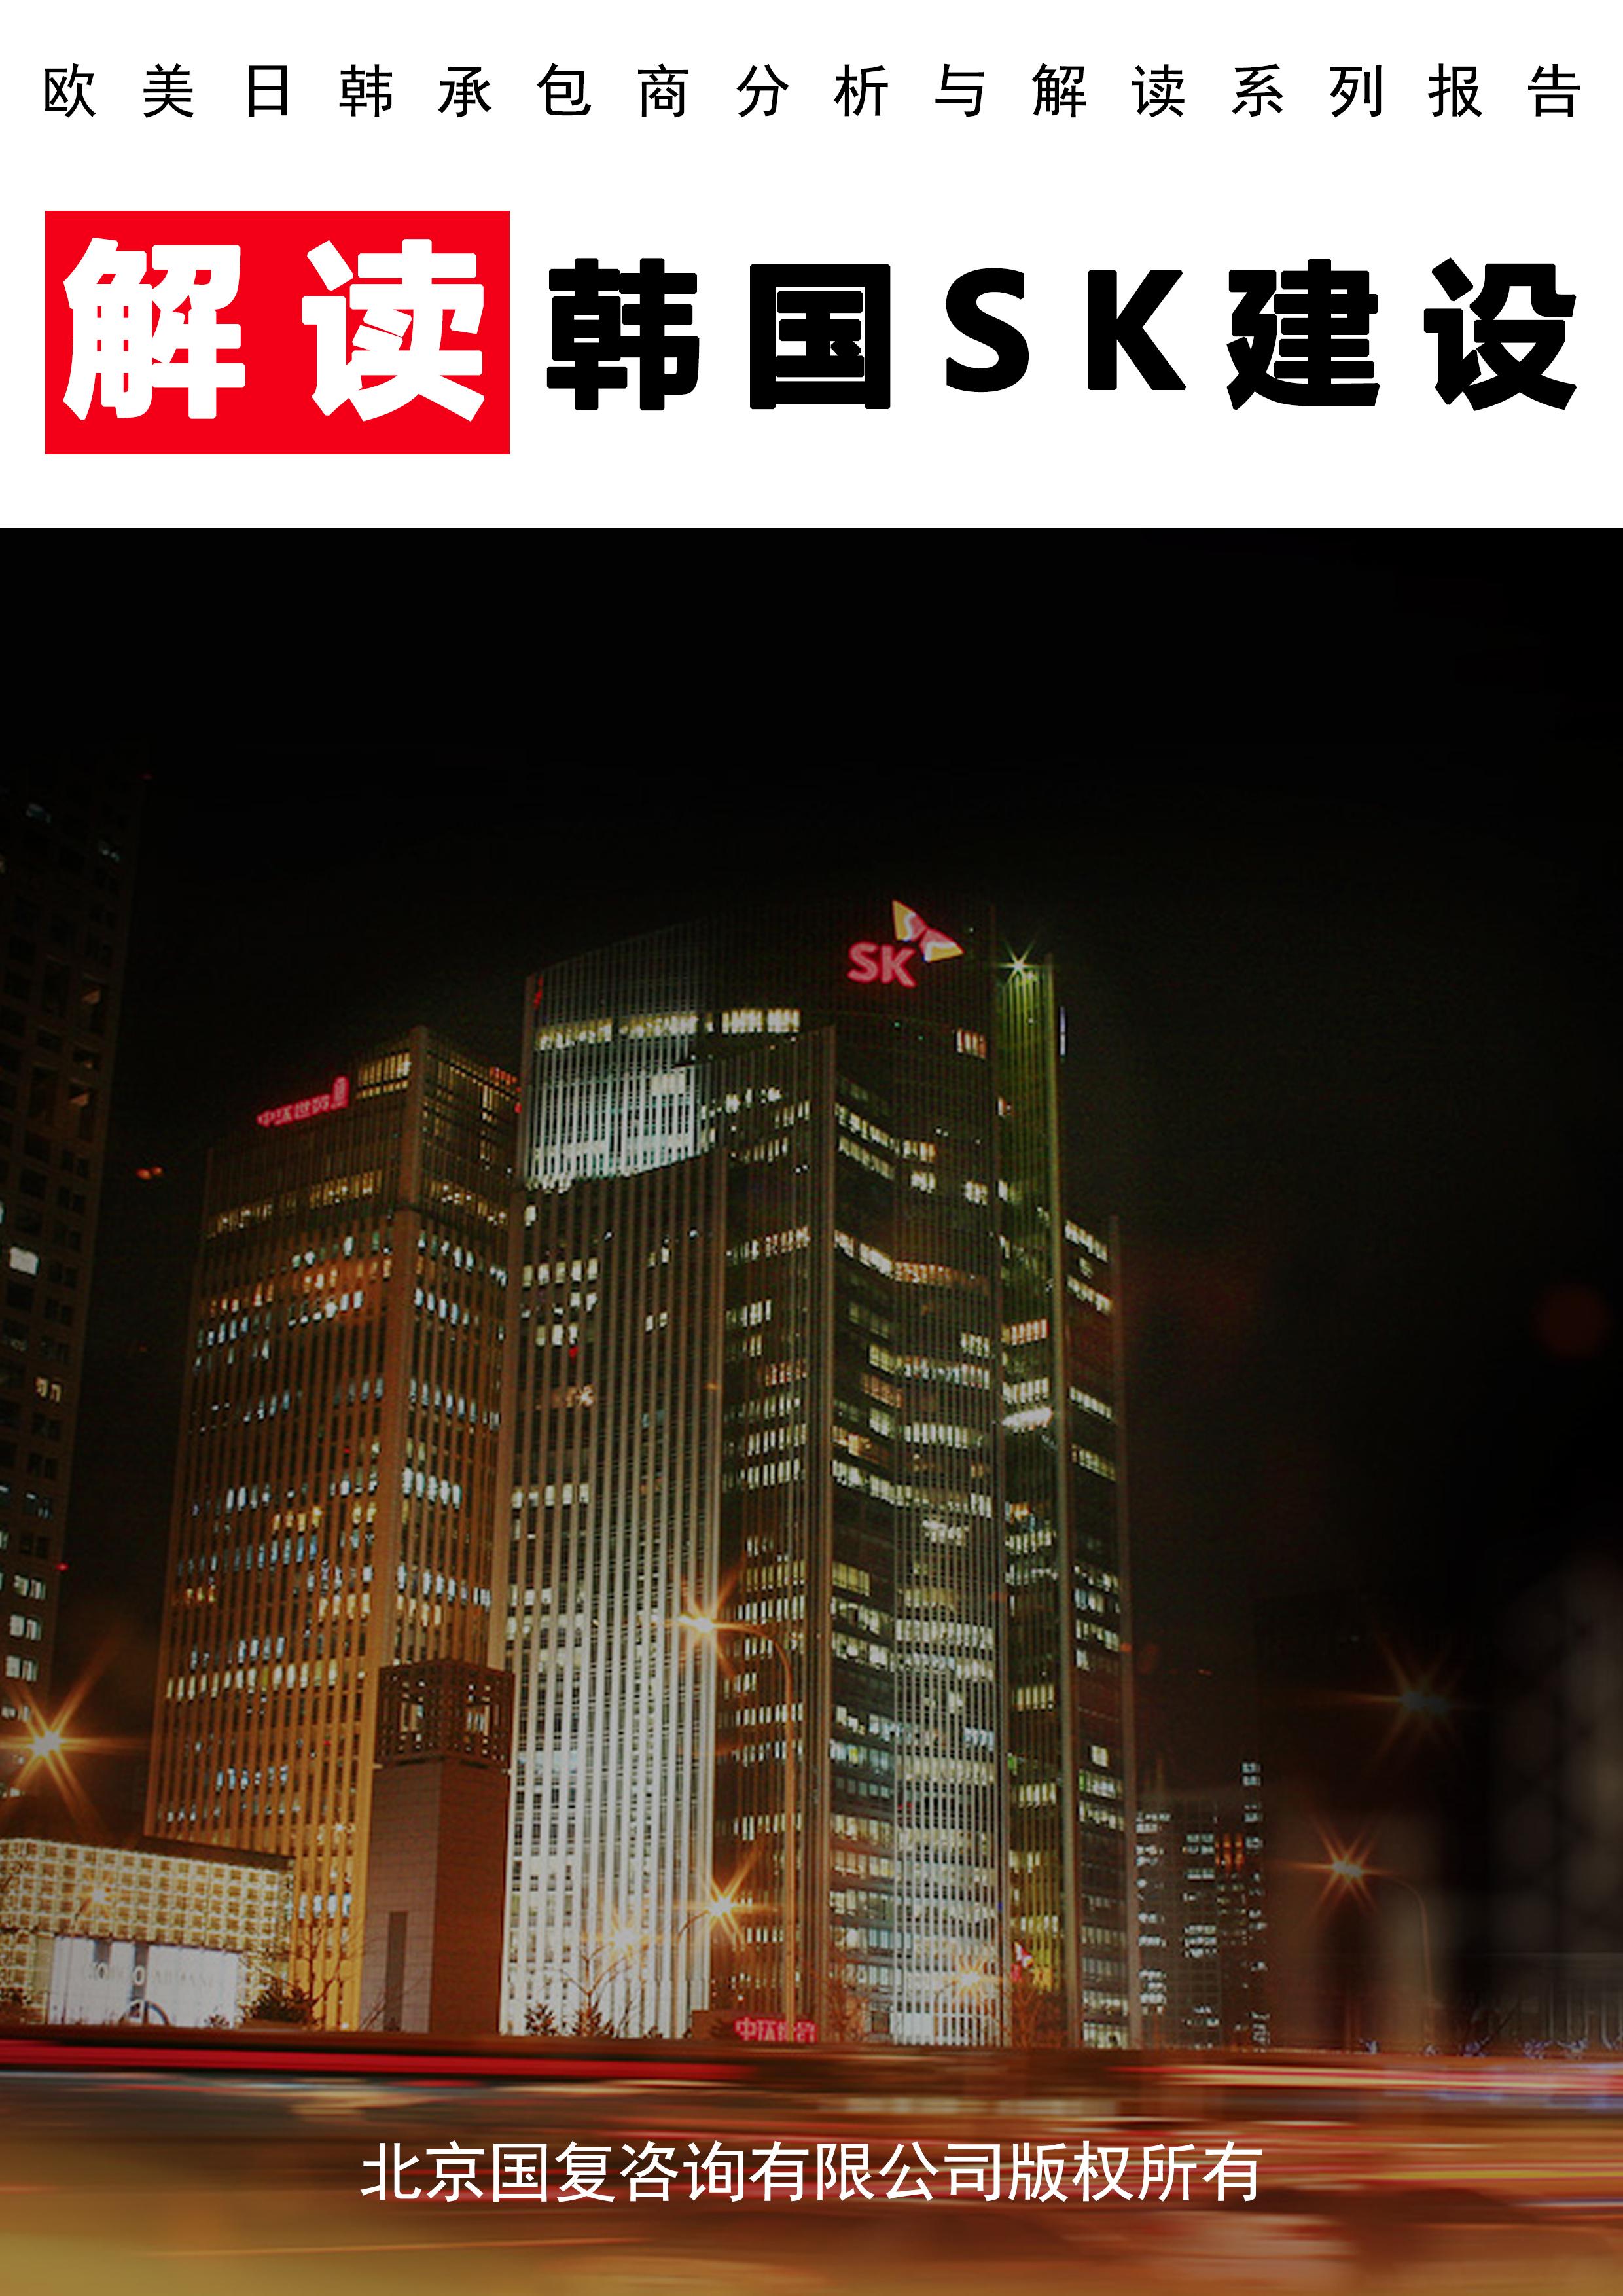 韩国SK建设解读报告